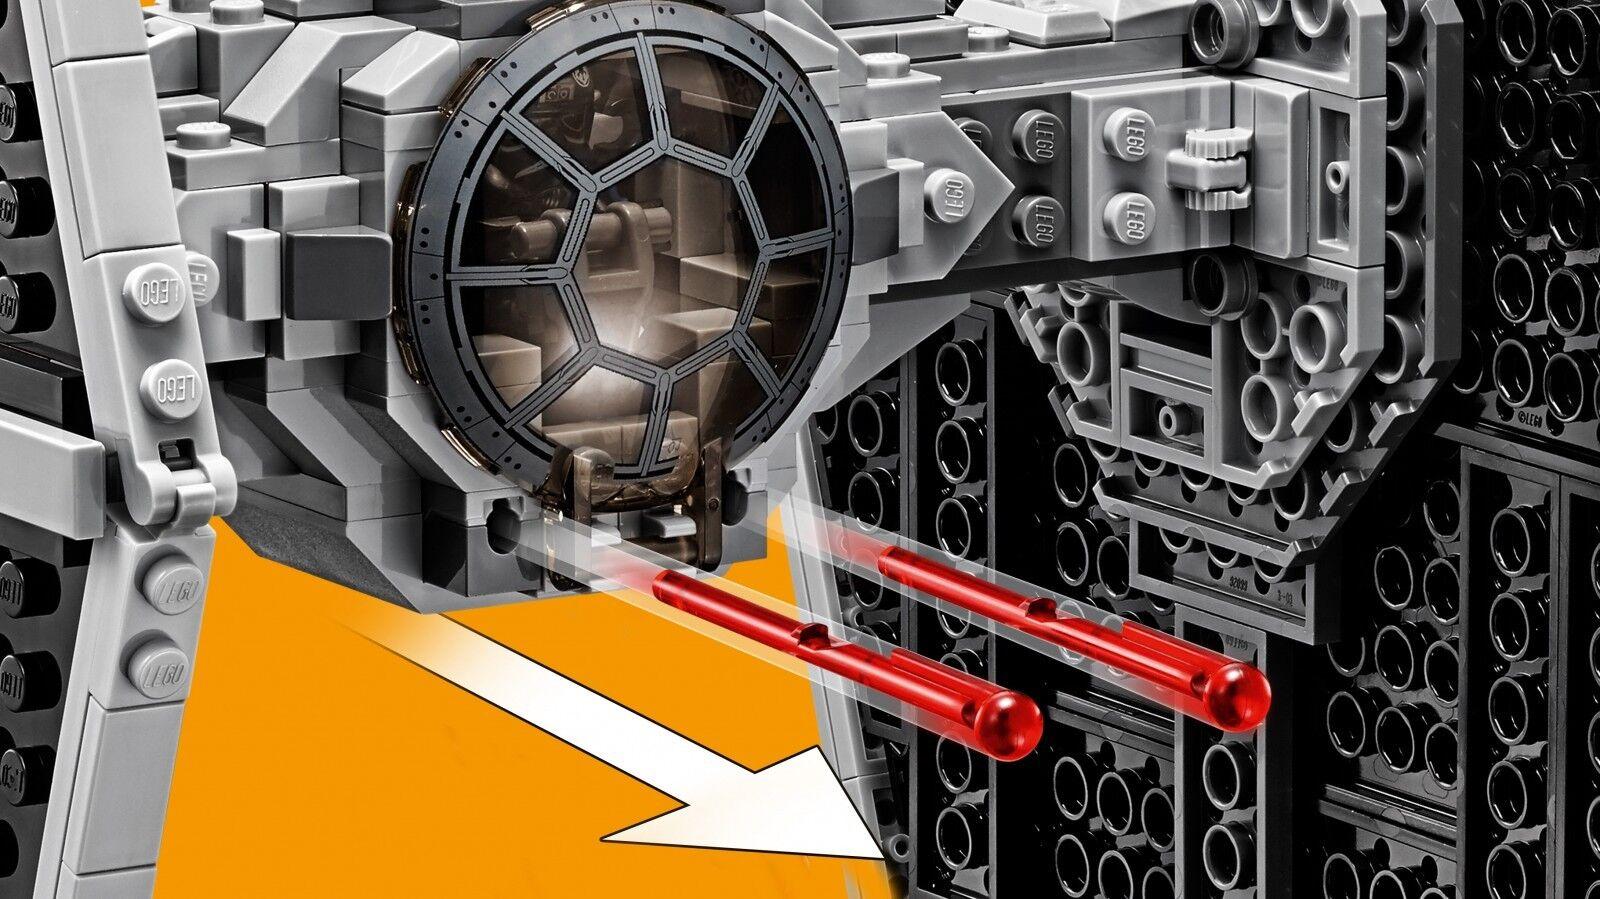 LEGO ® Star Wars ™ 75211 Imperial Imperial Imperial TIE Fighter ™ Nouveau neuf dans sa boîte NEW En parfait état, dans sa boîte scellée Boîte d'origine jamais ouverte f8f72f